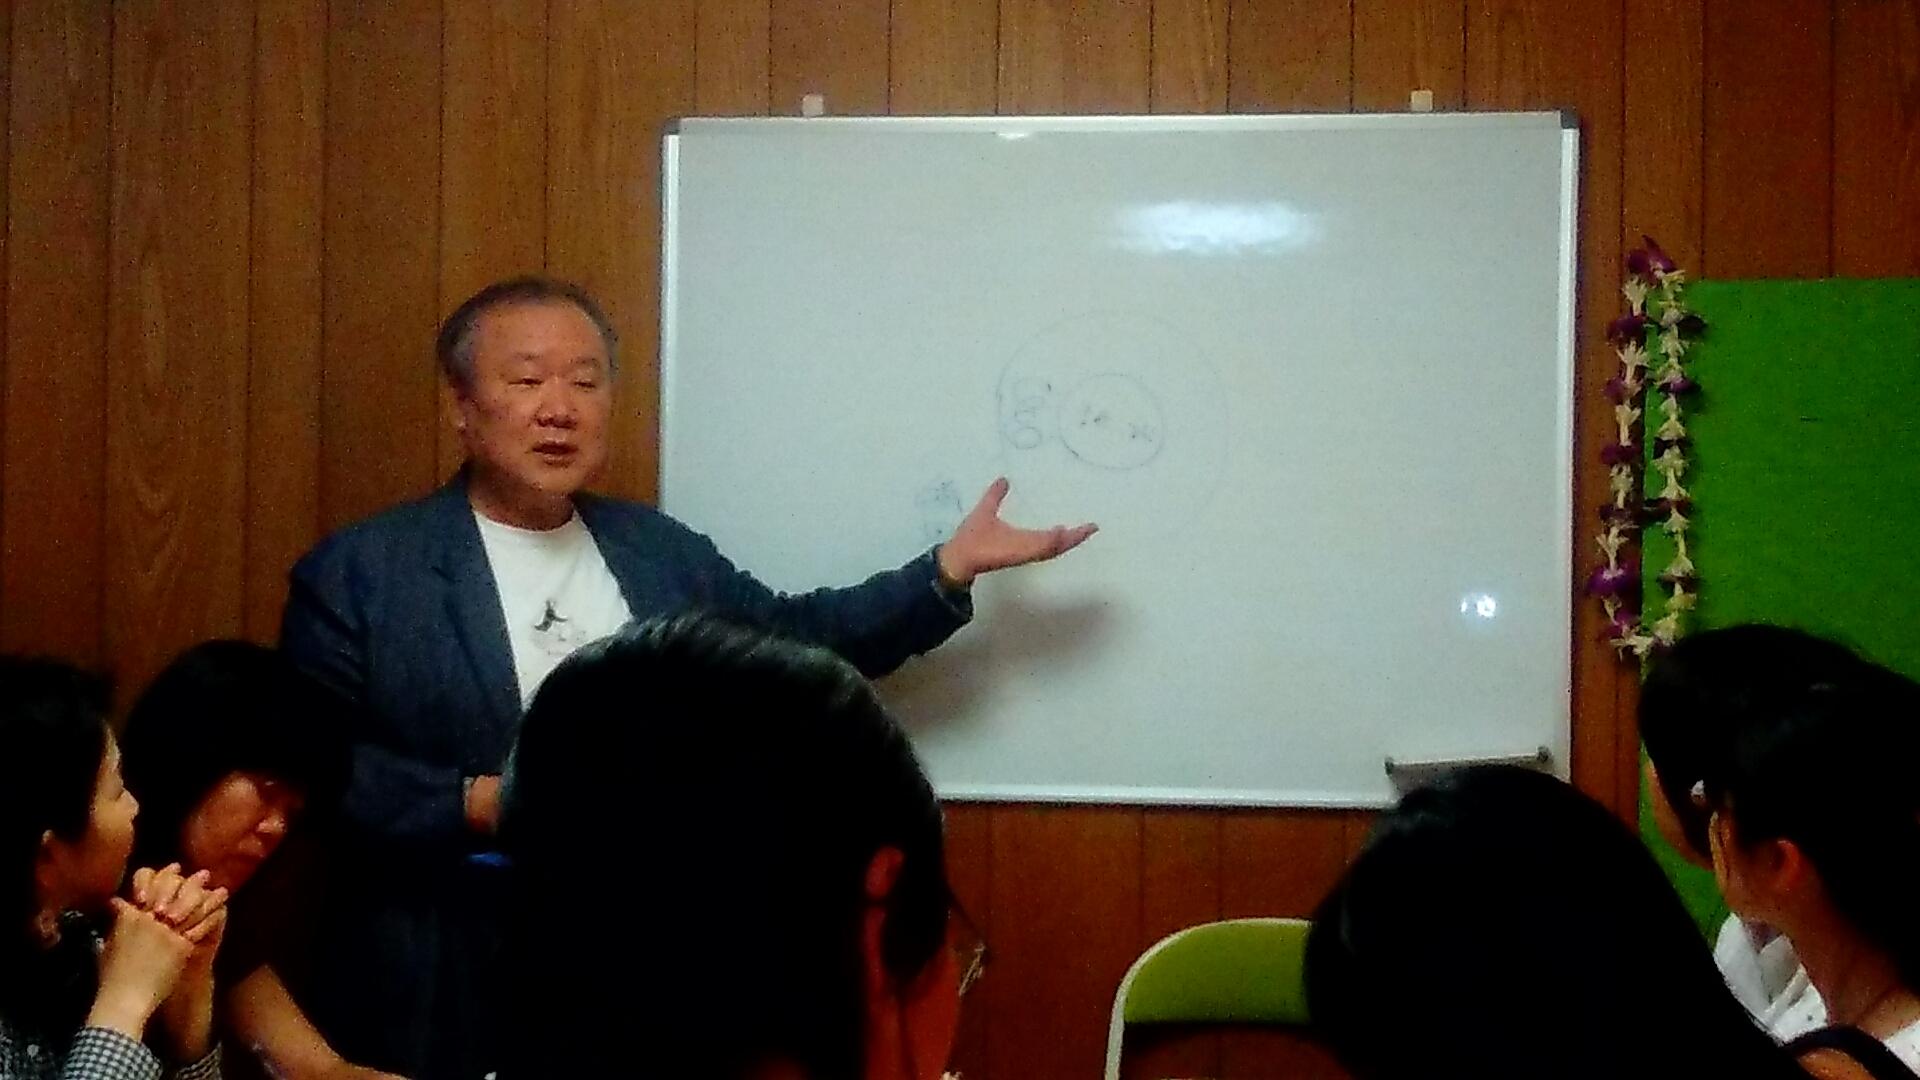 20180412190150 - 2018年4月12日 愛の子育て塾第12期第3講座開催しました。